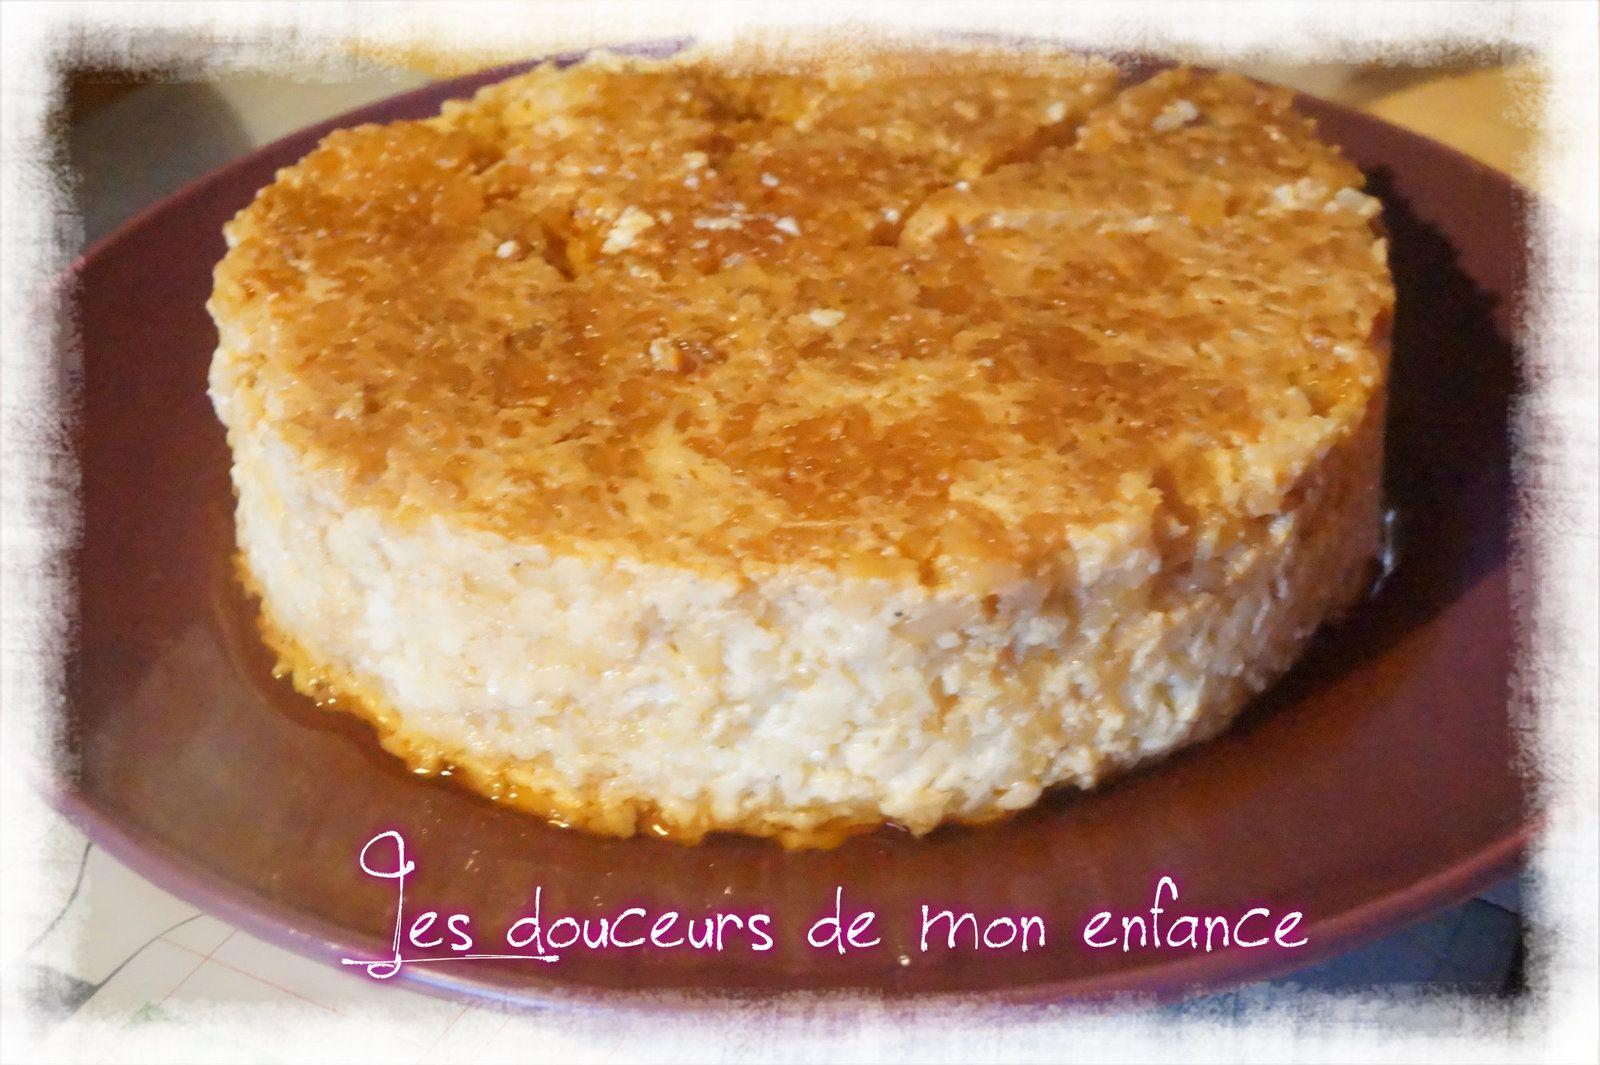 Gateau De Riz Au Cookeo Les Douceurs De Mon Enfance Gateau De Riz Recette Cookeo Dessert Cookeo Recette